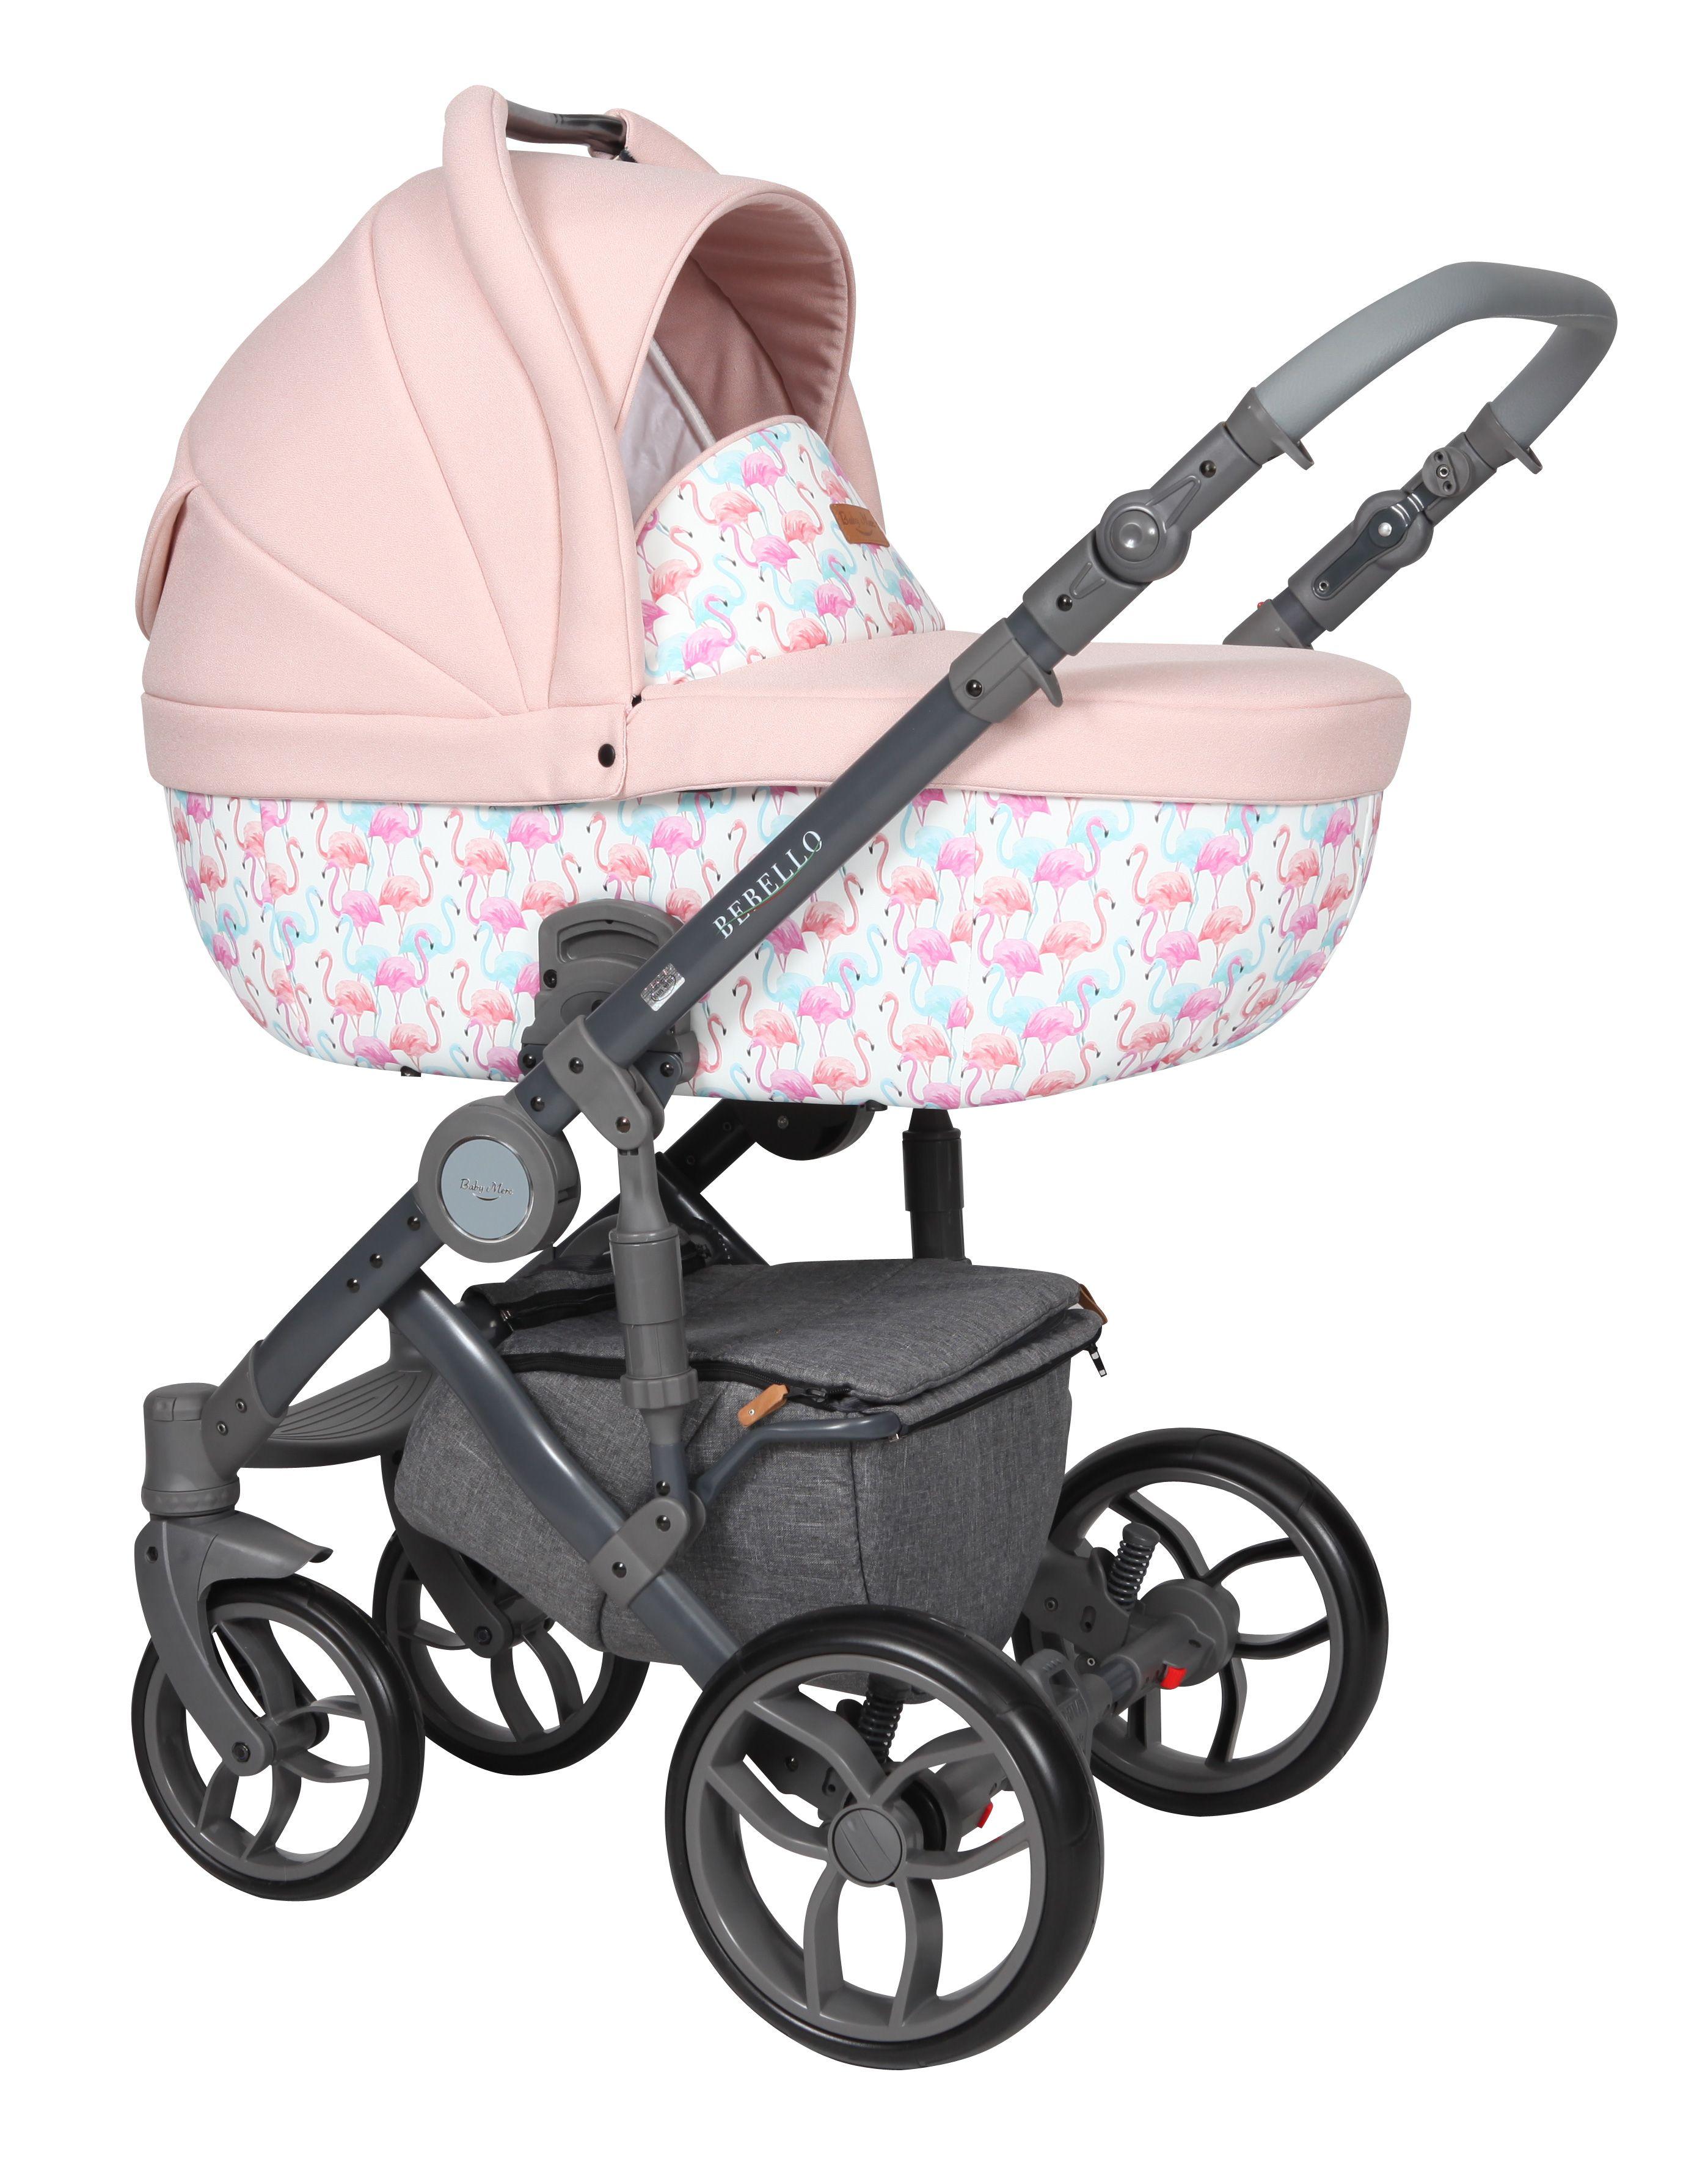 Nowe Kolory Wozkow Baby Merc Bebello Wozki Moga Byc 2w1 Gondola I Spacerowka Oraz 3w1 Gondola Spacerowka Oraz Fotelik Wozki Baby Prams Baby Merc Baby Strollers